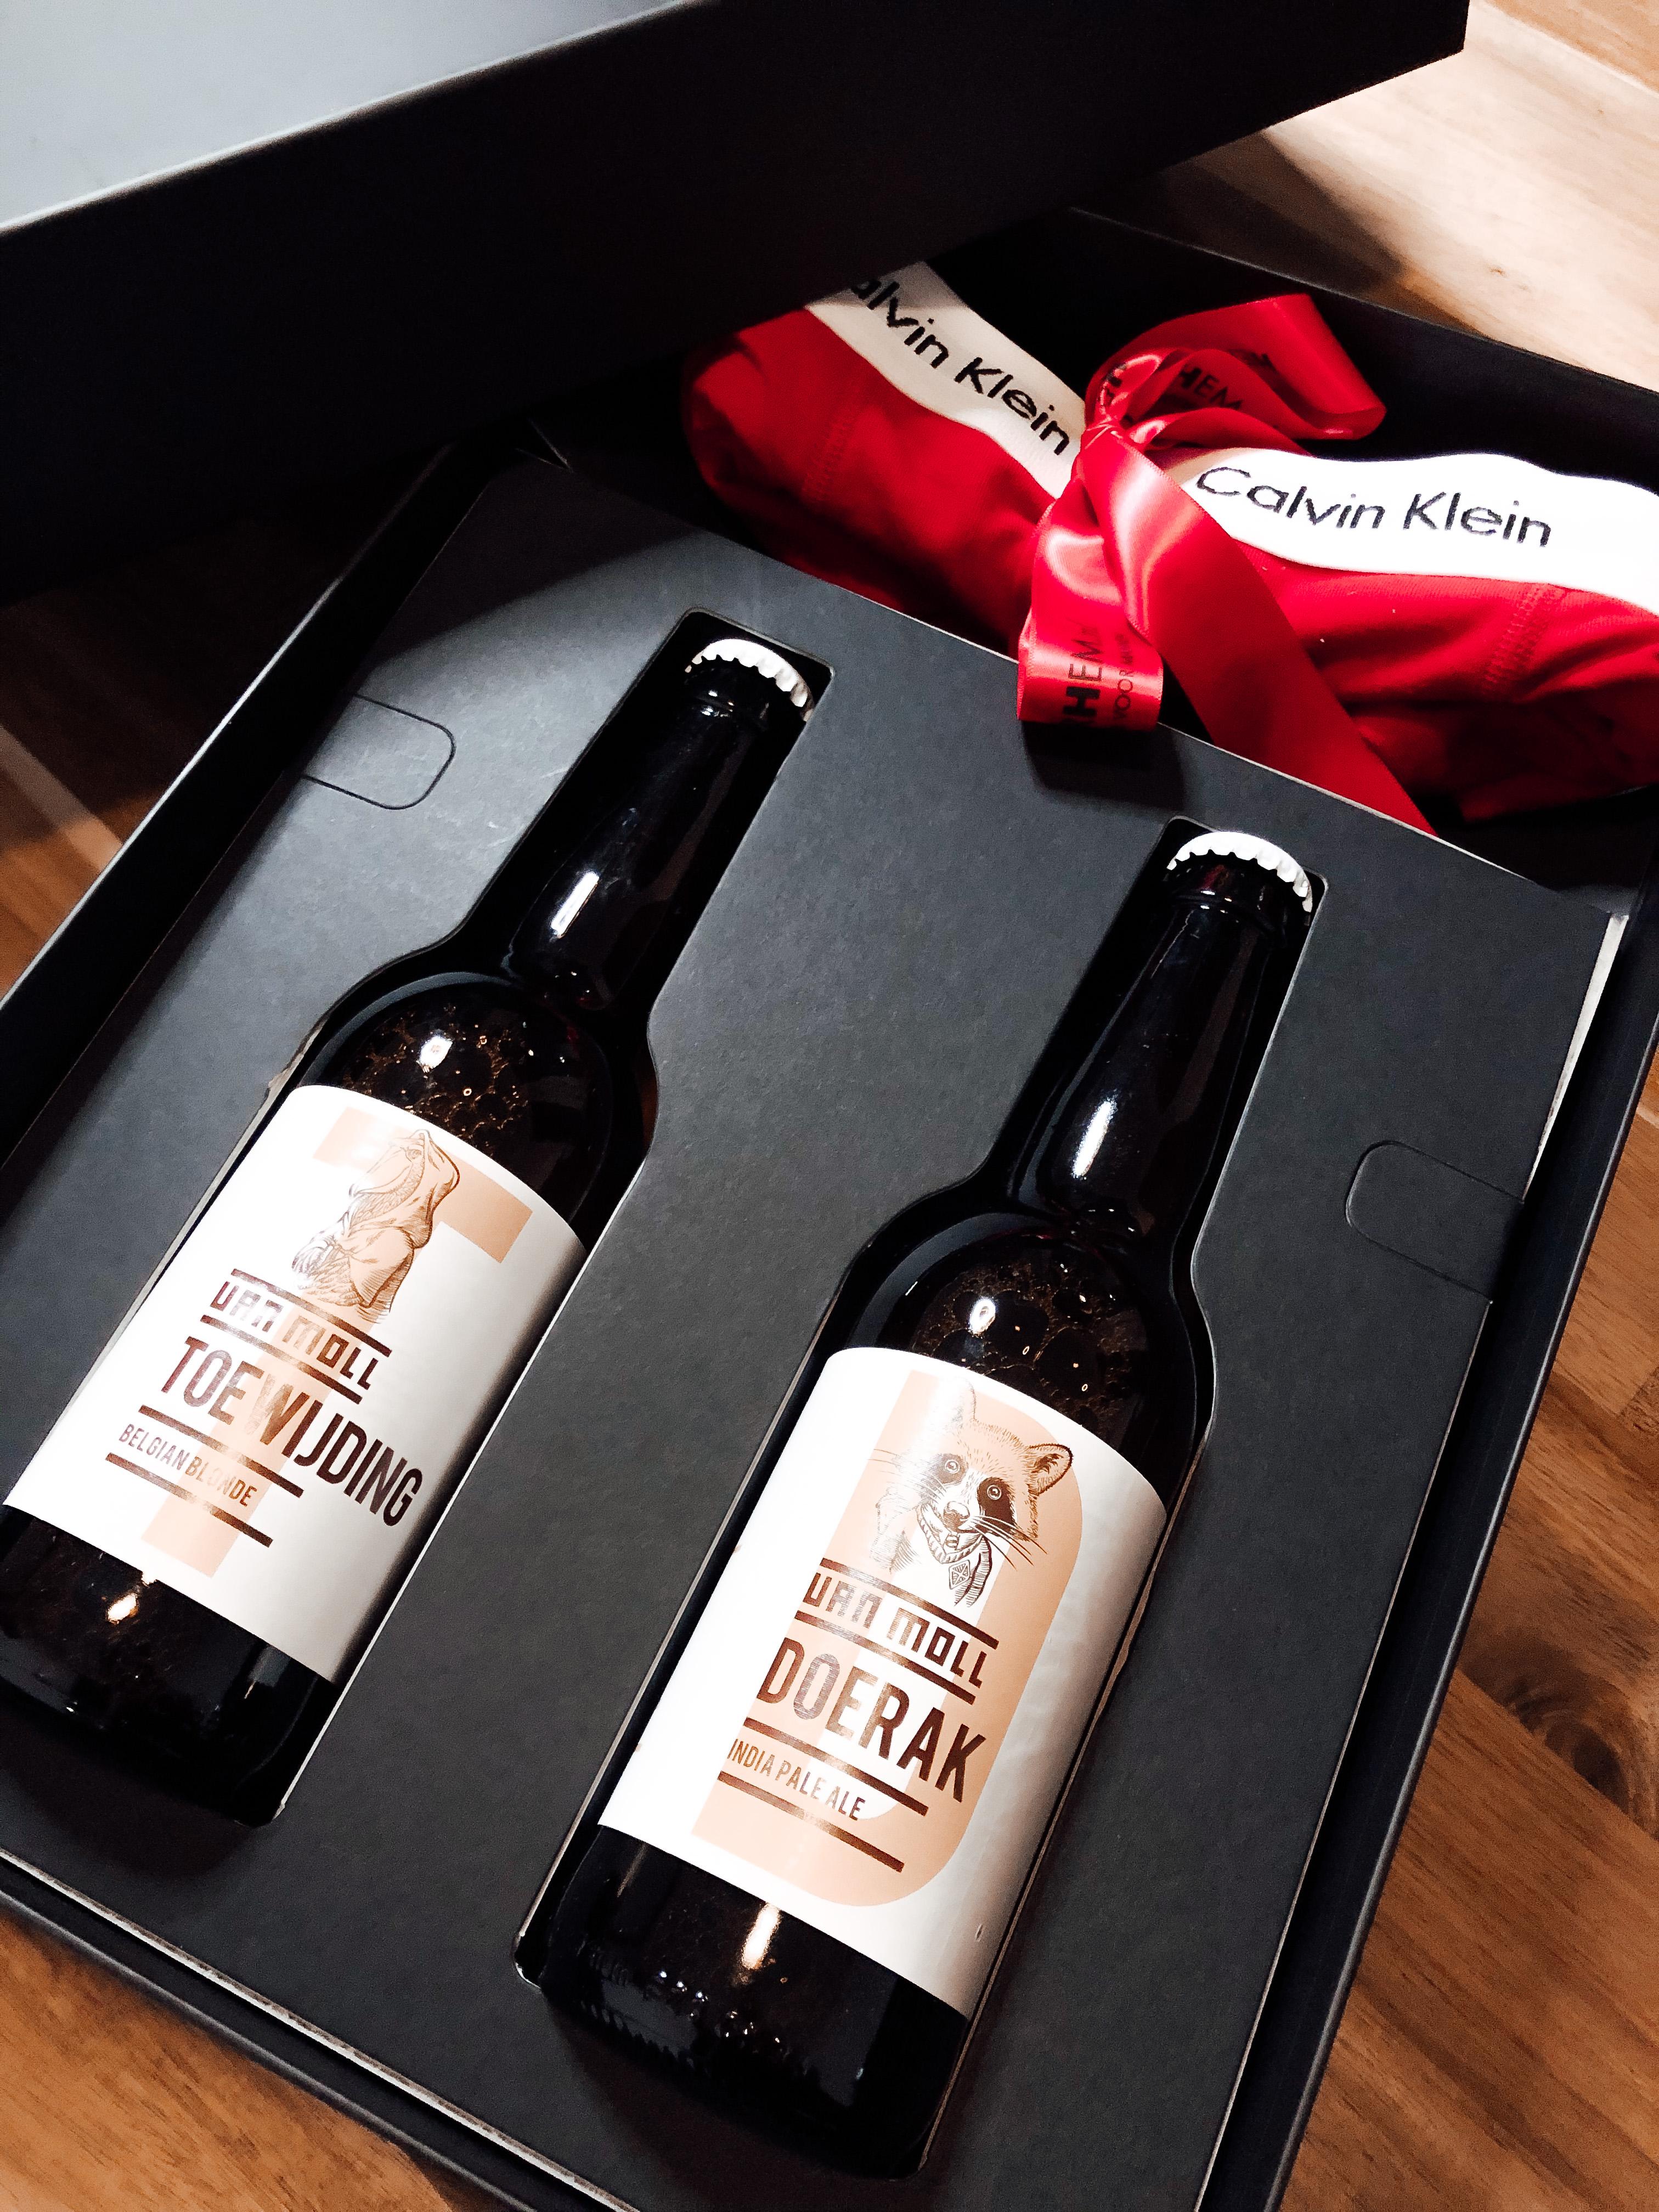 Kerst cadeaus voor mannen van HemdVoorHem.